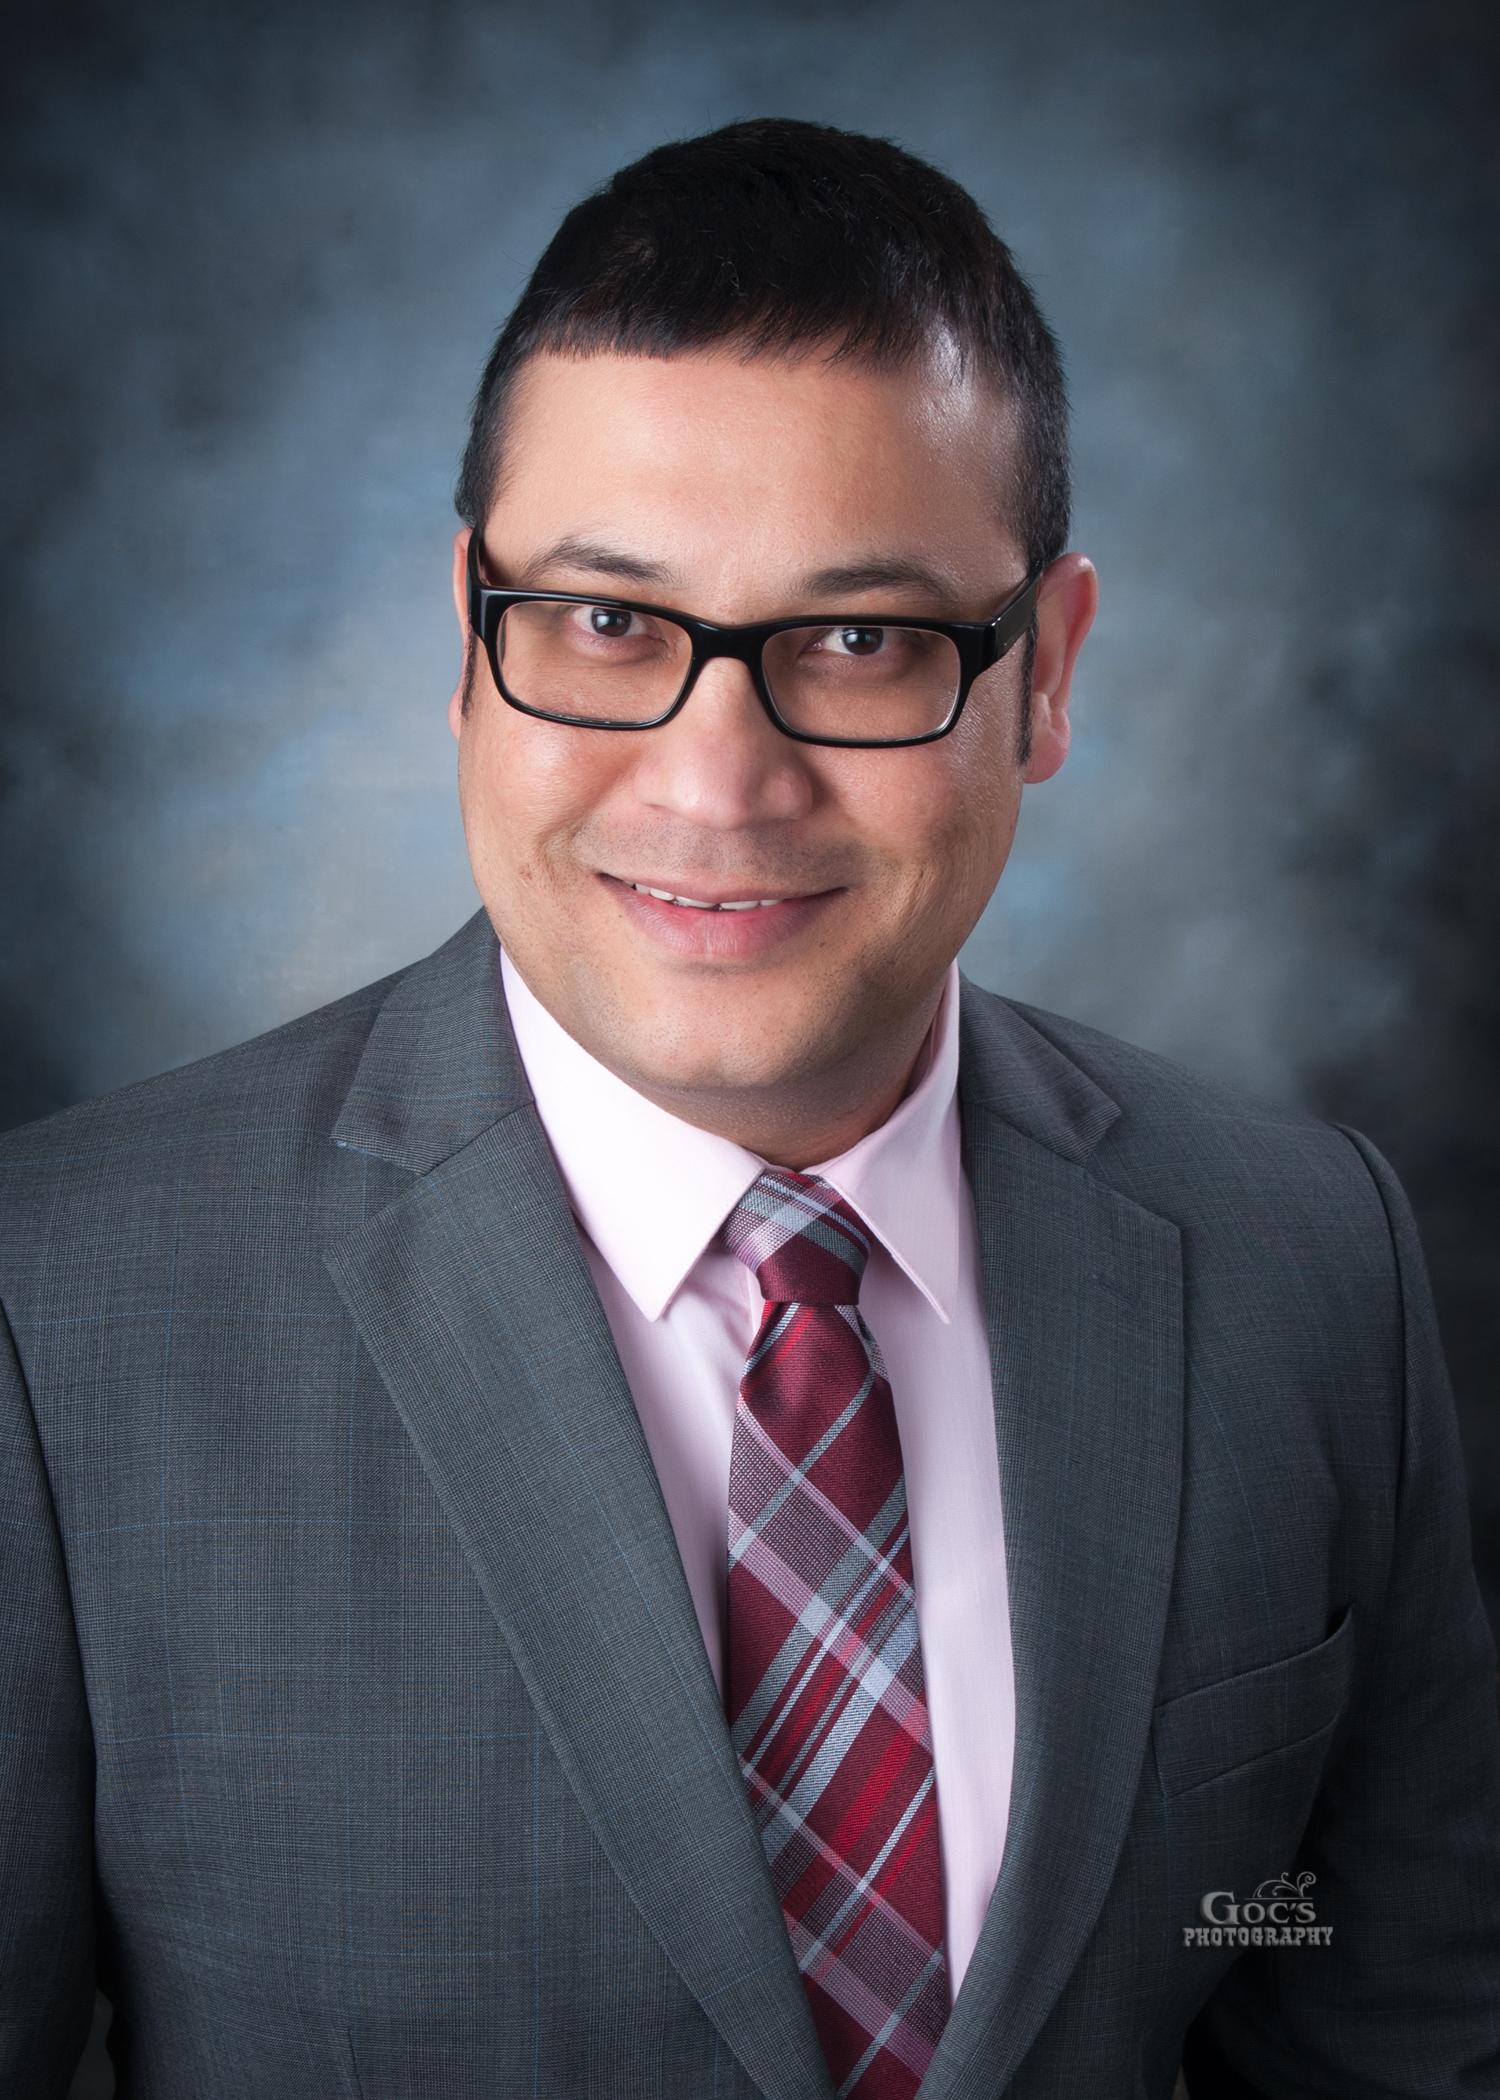 Dr. Pramod Shrestha